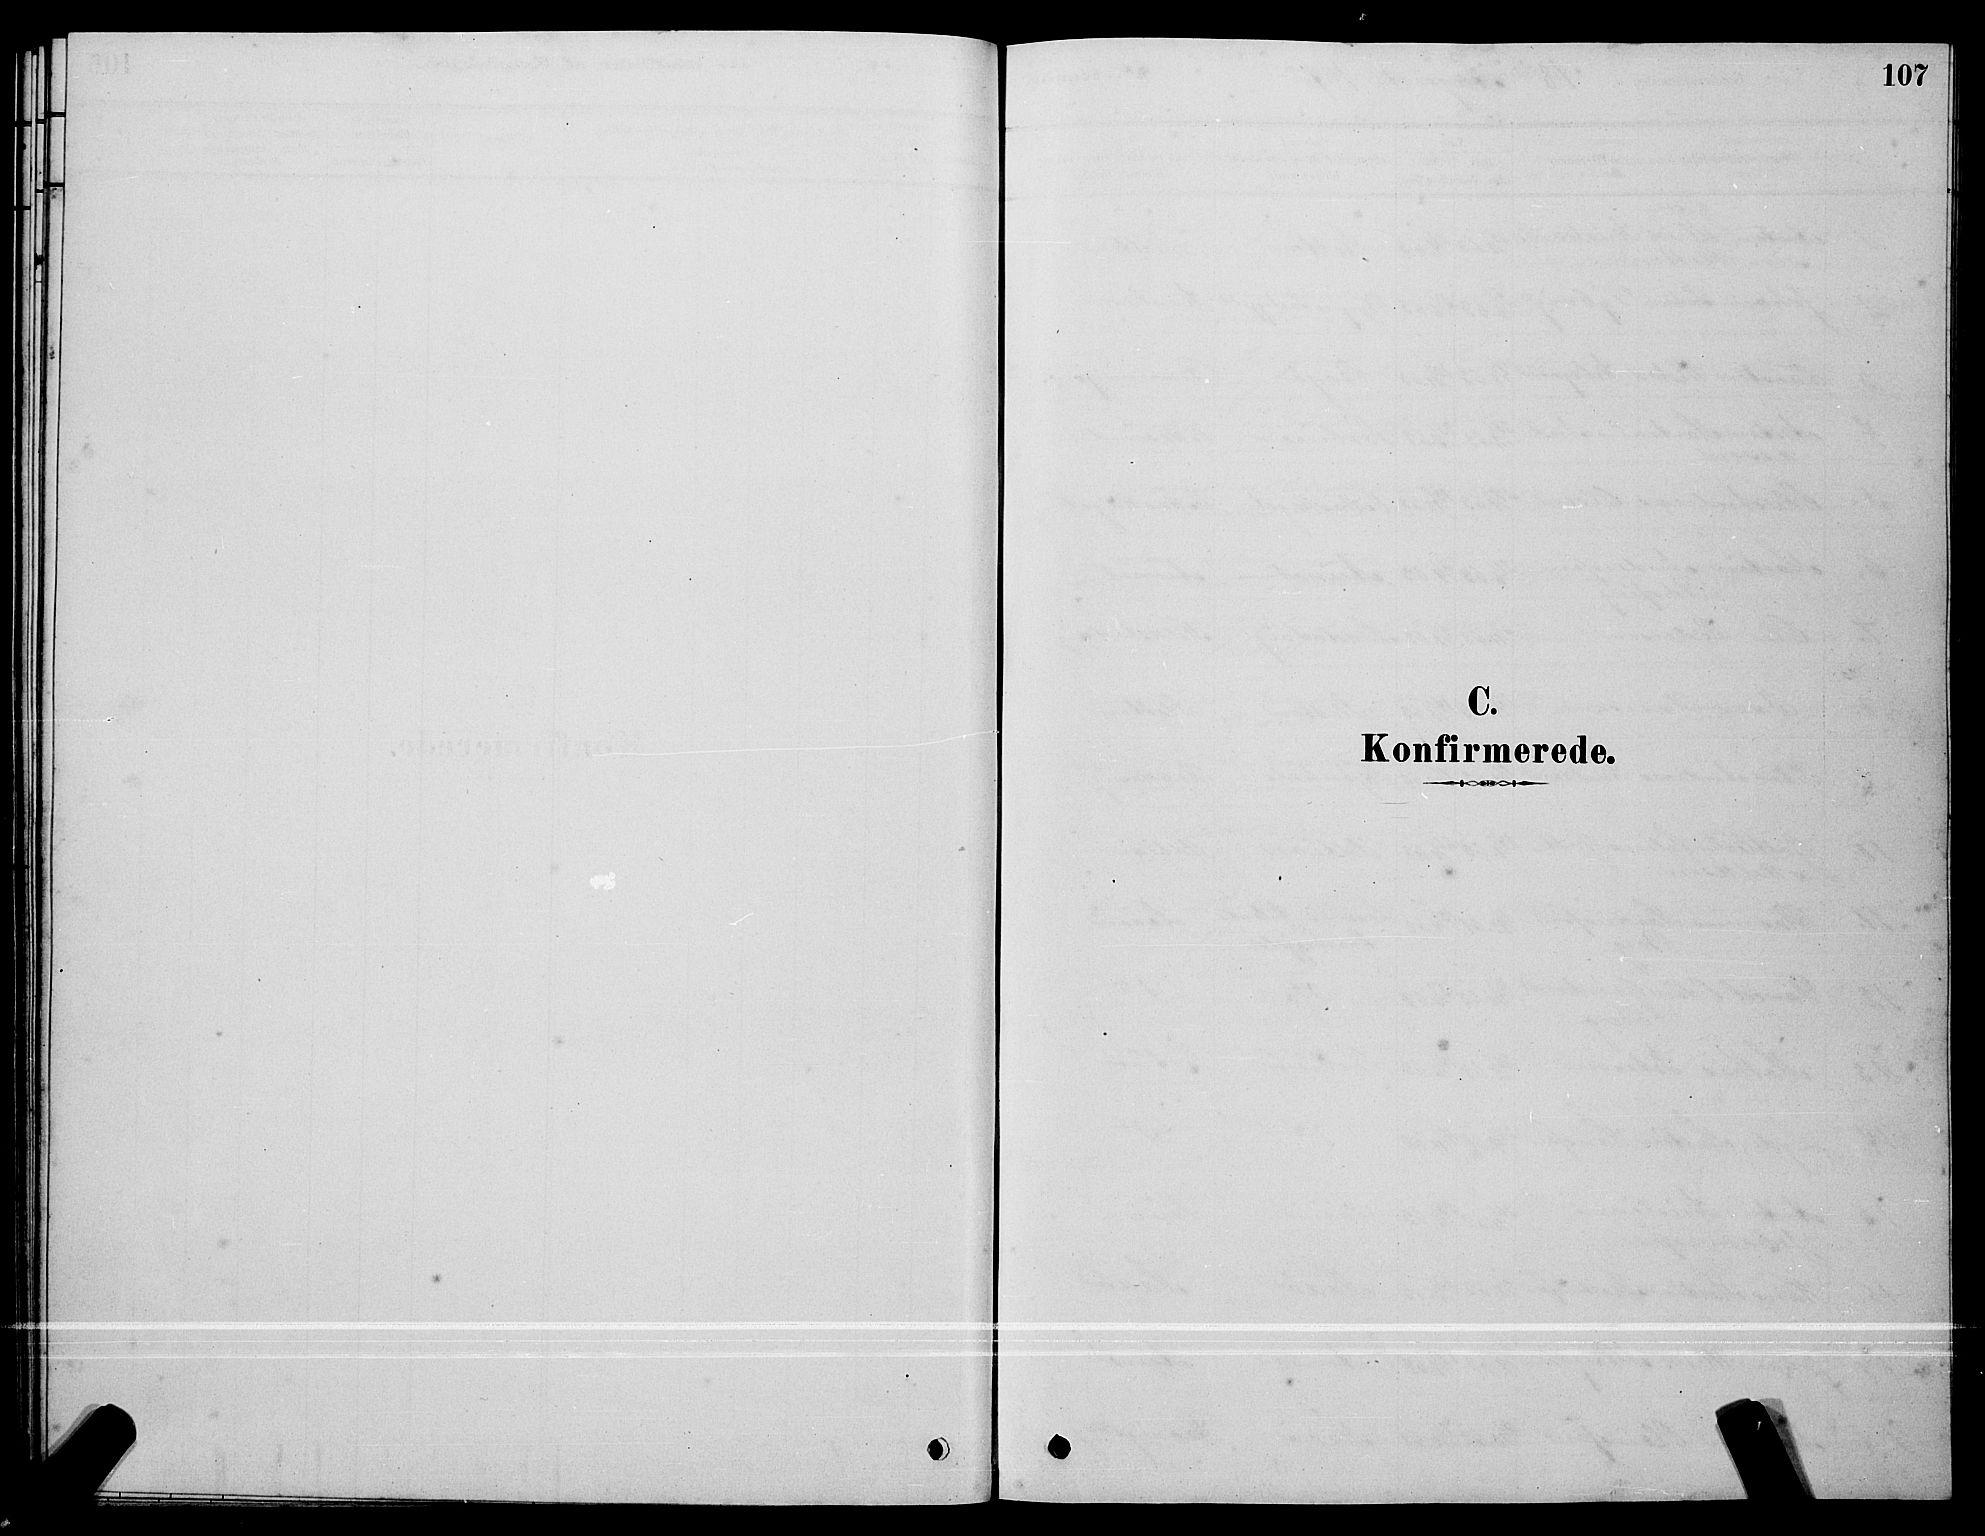 SAT, Ministerialprotokoller, klokkerbøker og fødselsregistre - Sør-Trøndelag, 640/L0585: Klokkerbok nr. 640C03, 1878-1891, s. 107